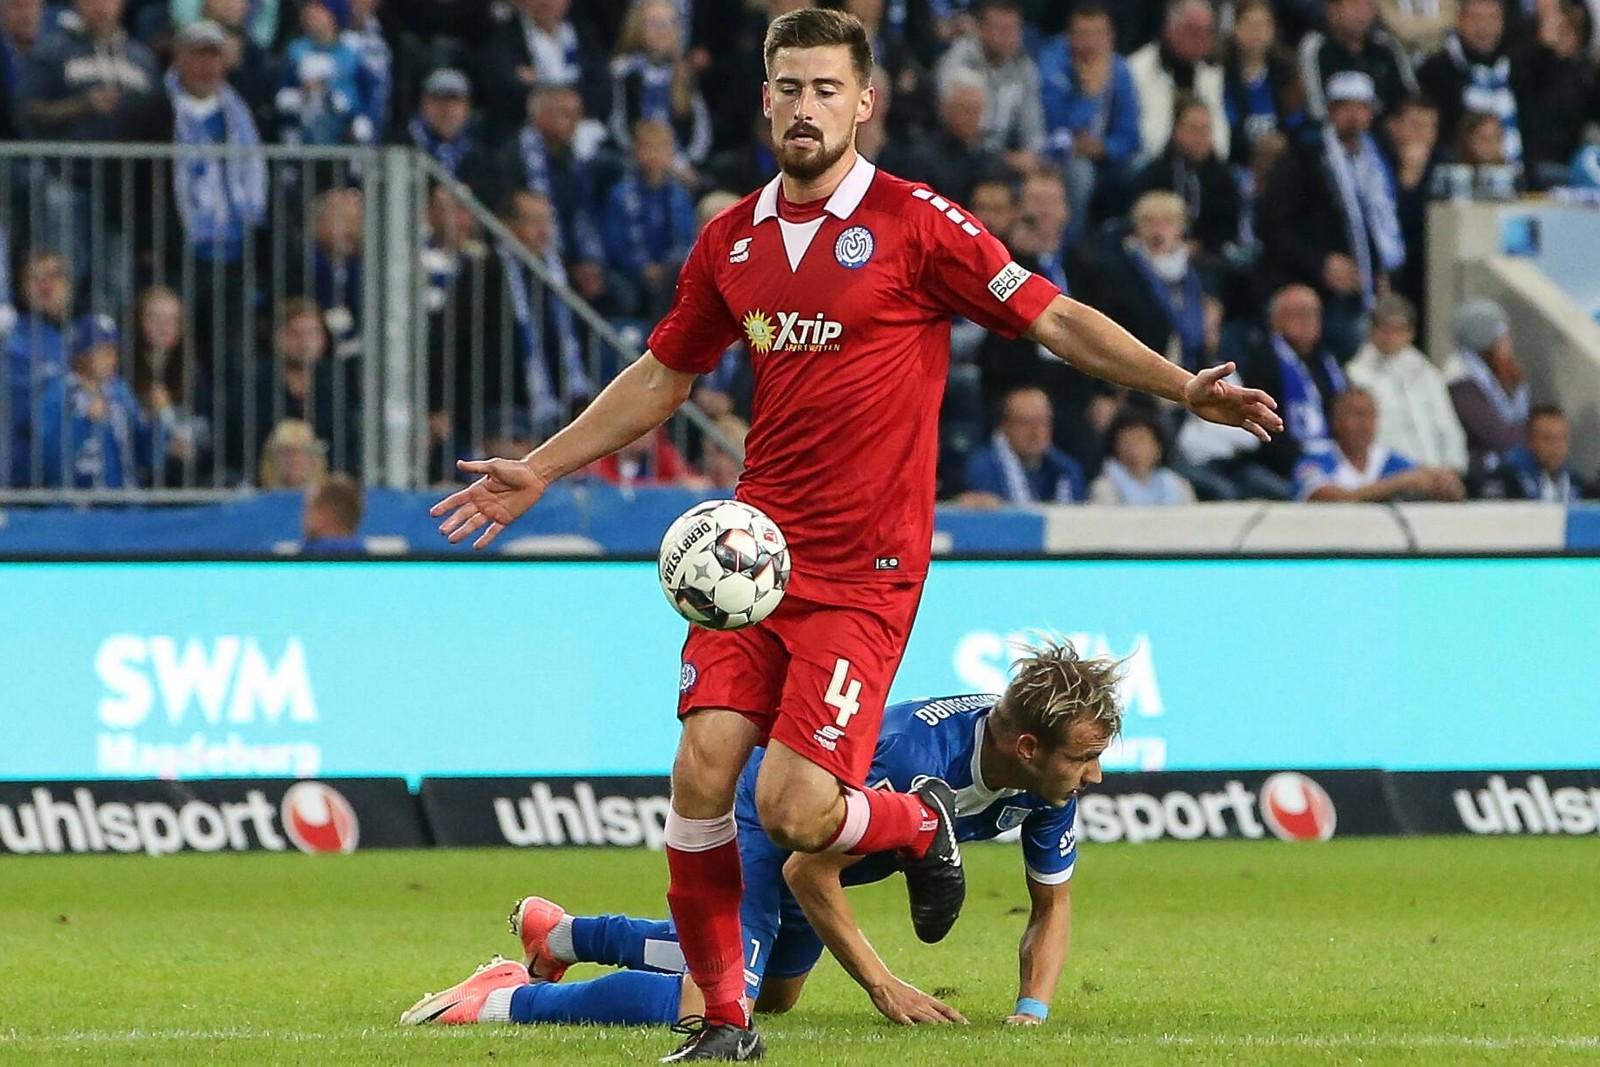 Dustin Bomheuer vom MSV Duisburg